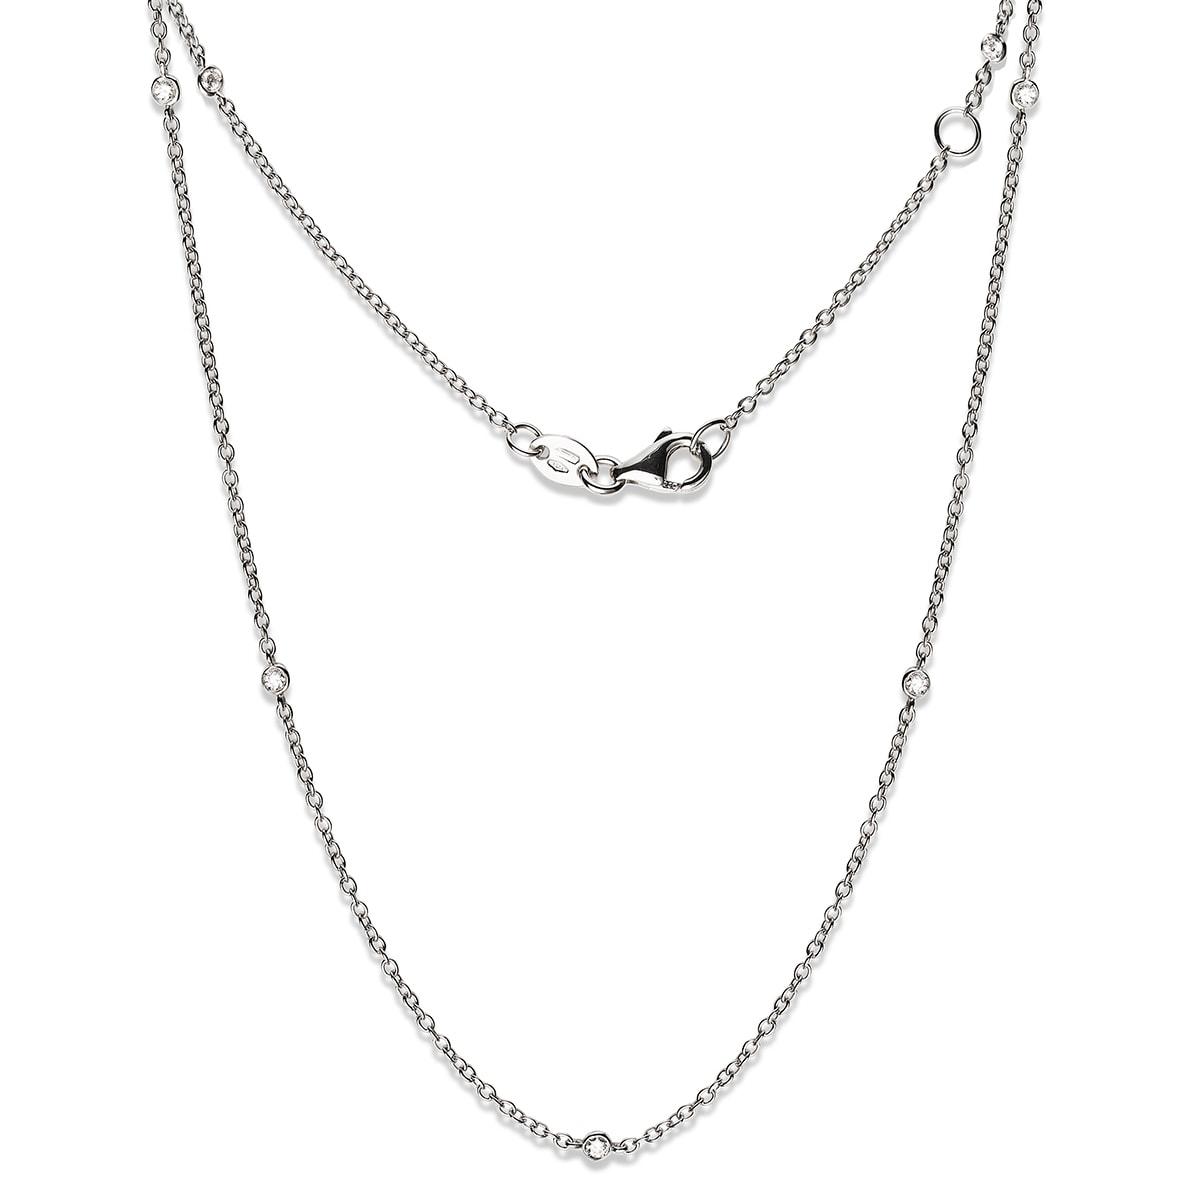 Sandin_Selected_IL_Zefiro_VG_190703_0241_v2_diamanthalsband_hos_Jarl_Sandin